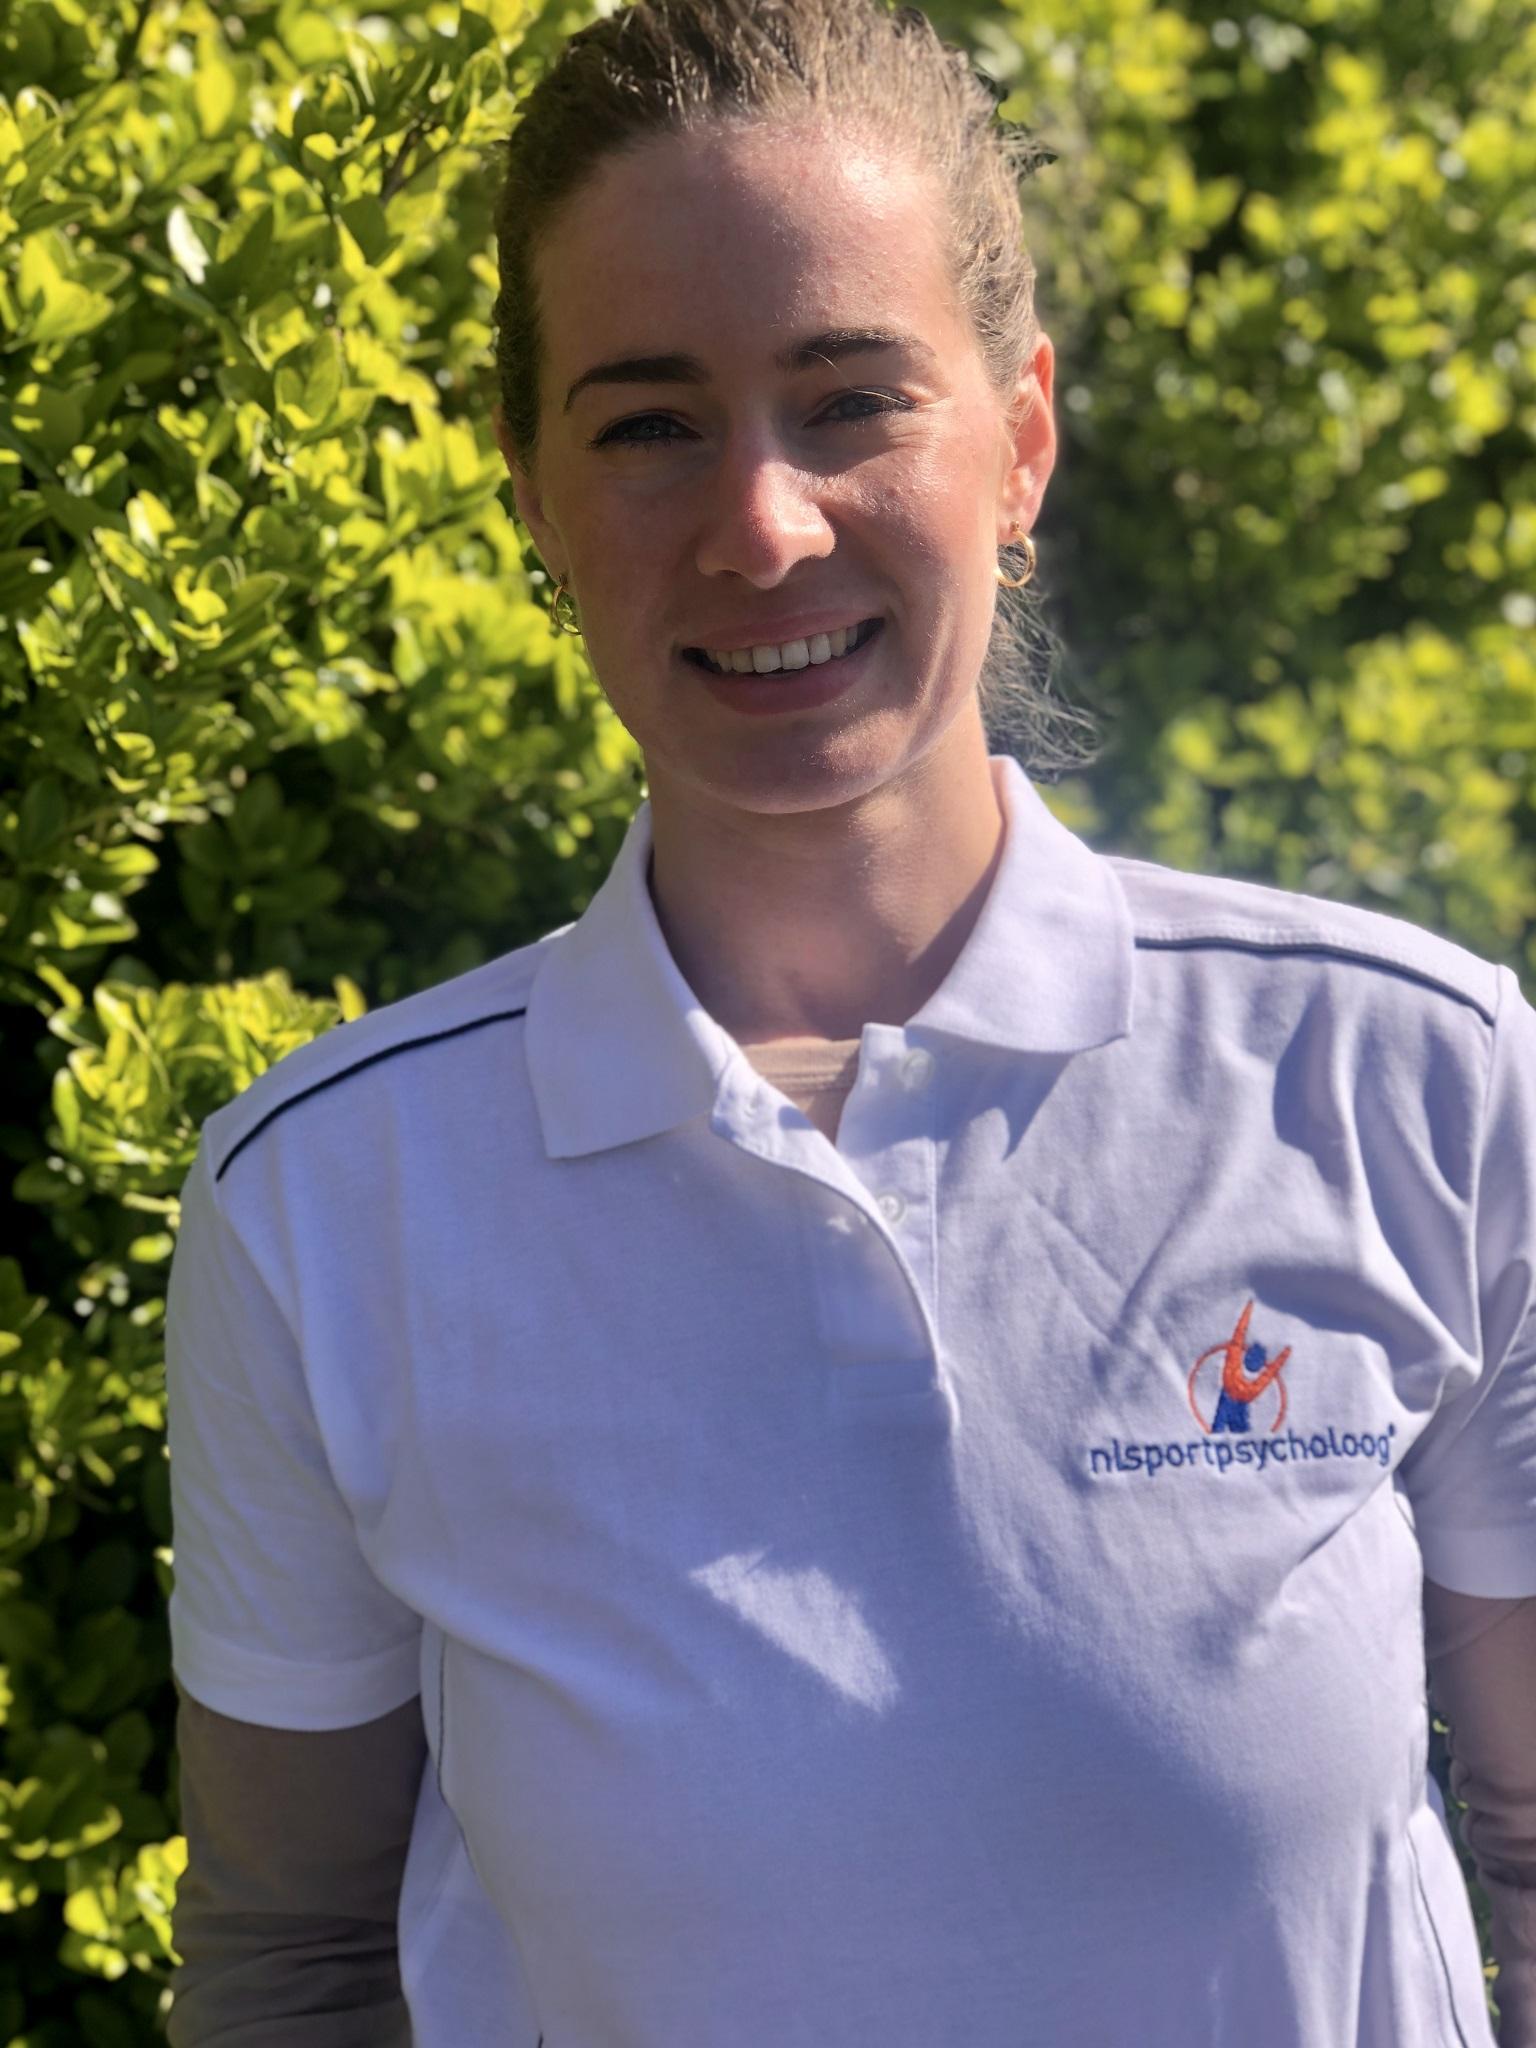 NL sportpsycholoog Lisa de Vilder - Zuid Holland